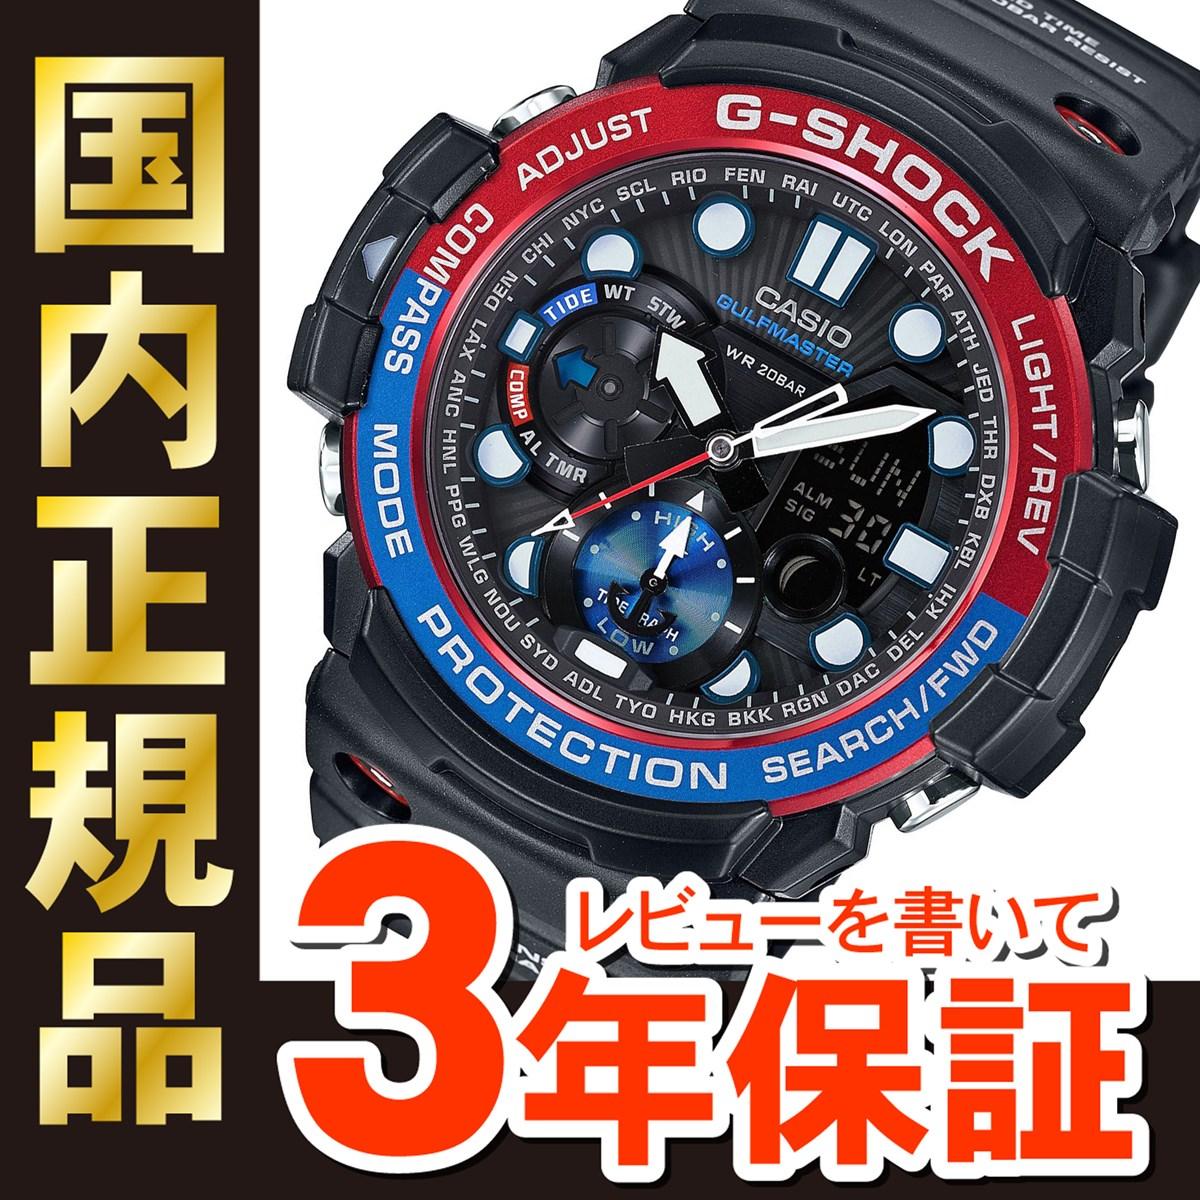 カシオ Gショック ガルフマスター CASIO G-SHOCK GULFMASTER 腕時計 メンズ ブラック アナデジ GN-1000-1AJF【正規品】_6spl【店頭受取対応商品】